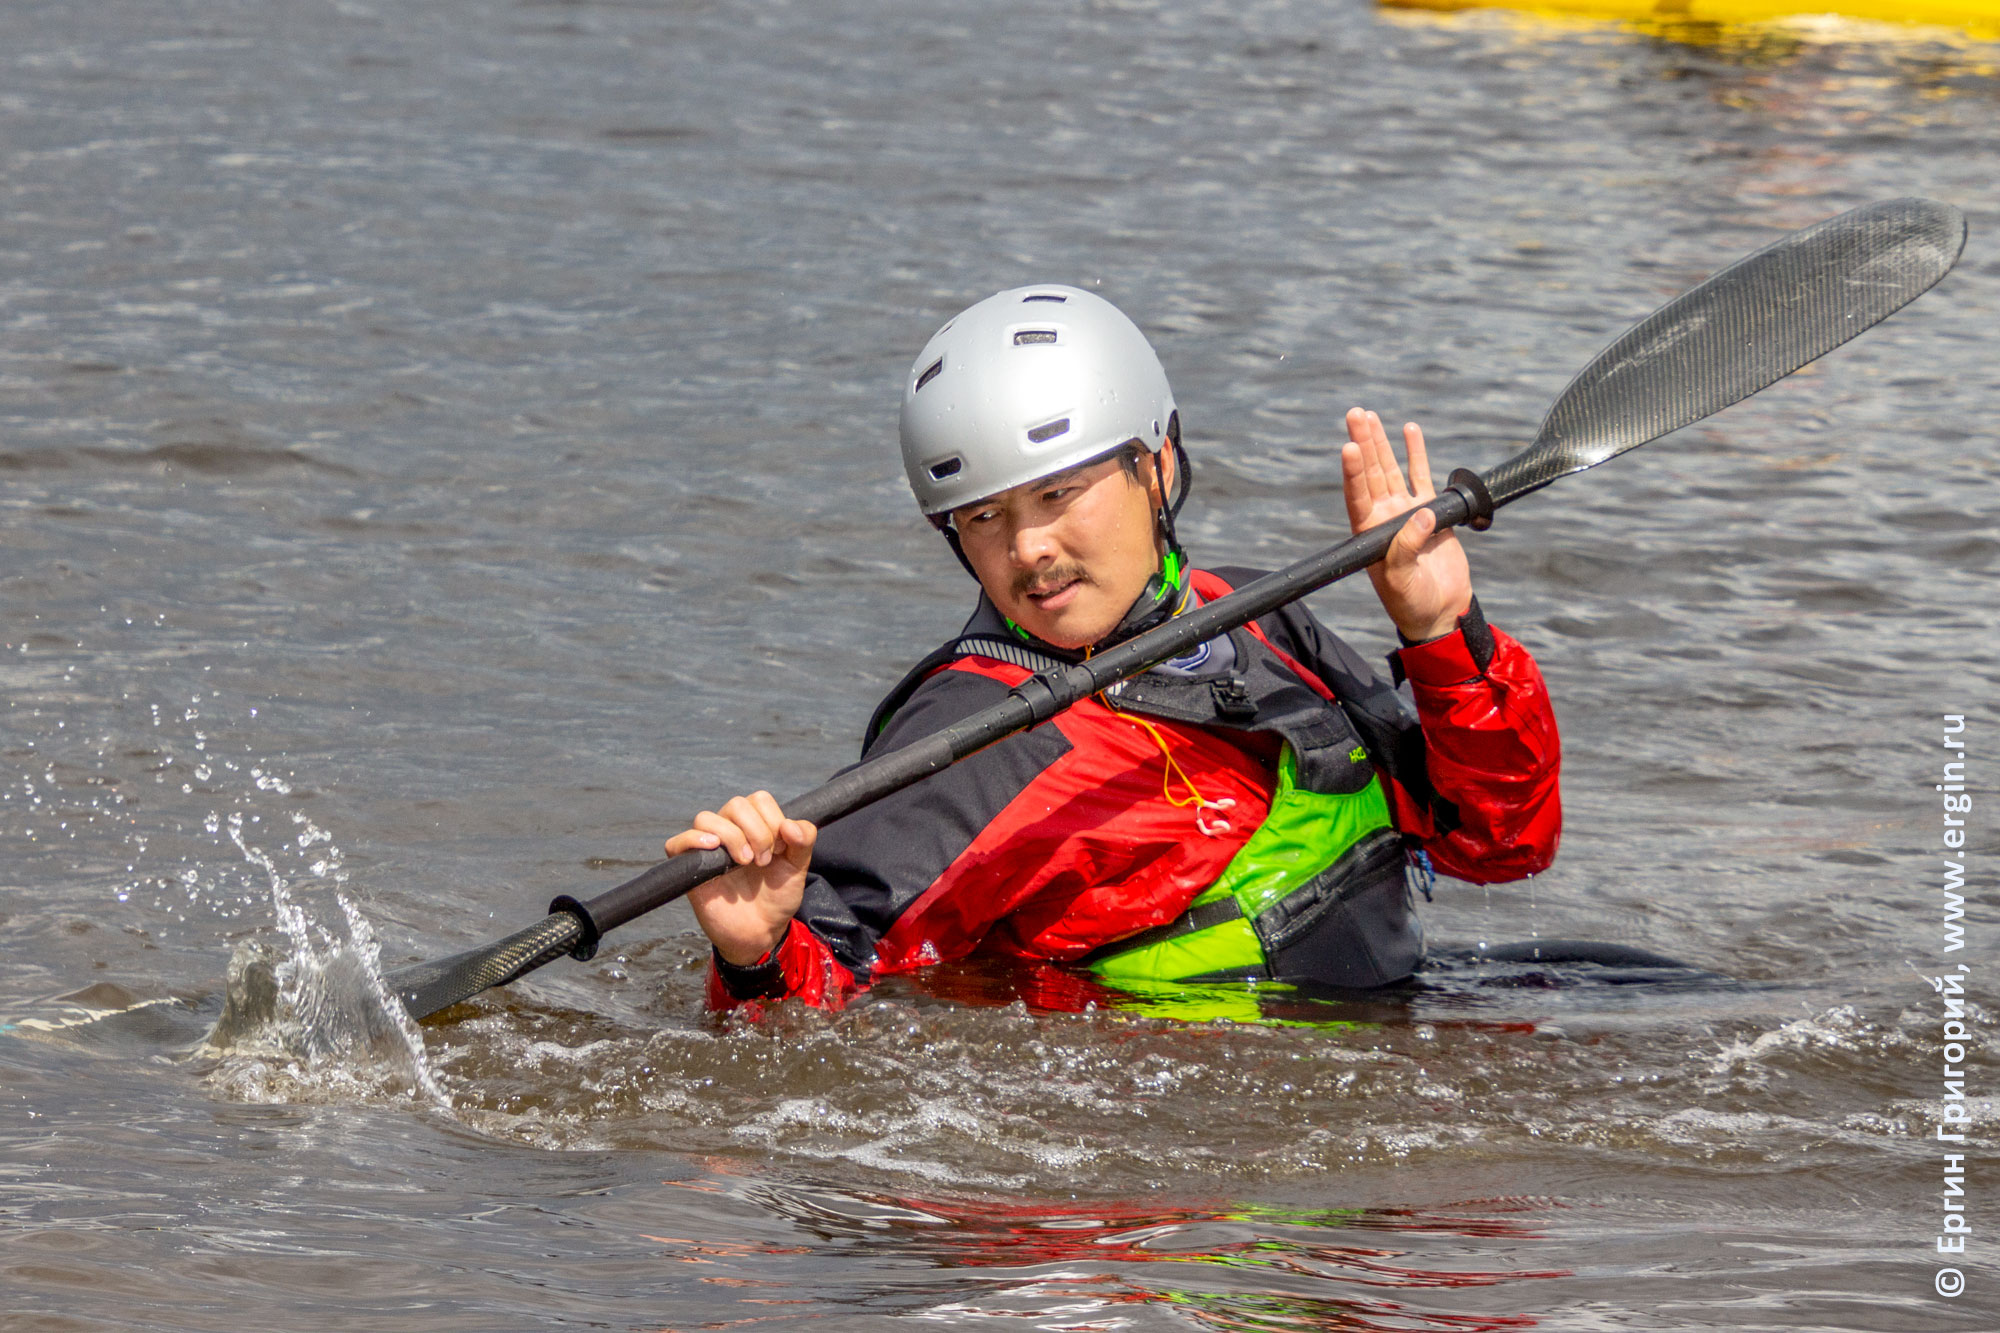 Отработка опор веслом в воде без каяка